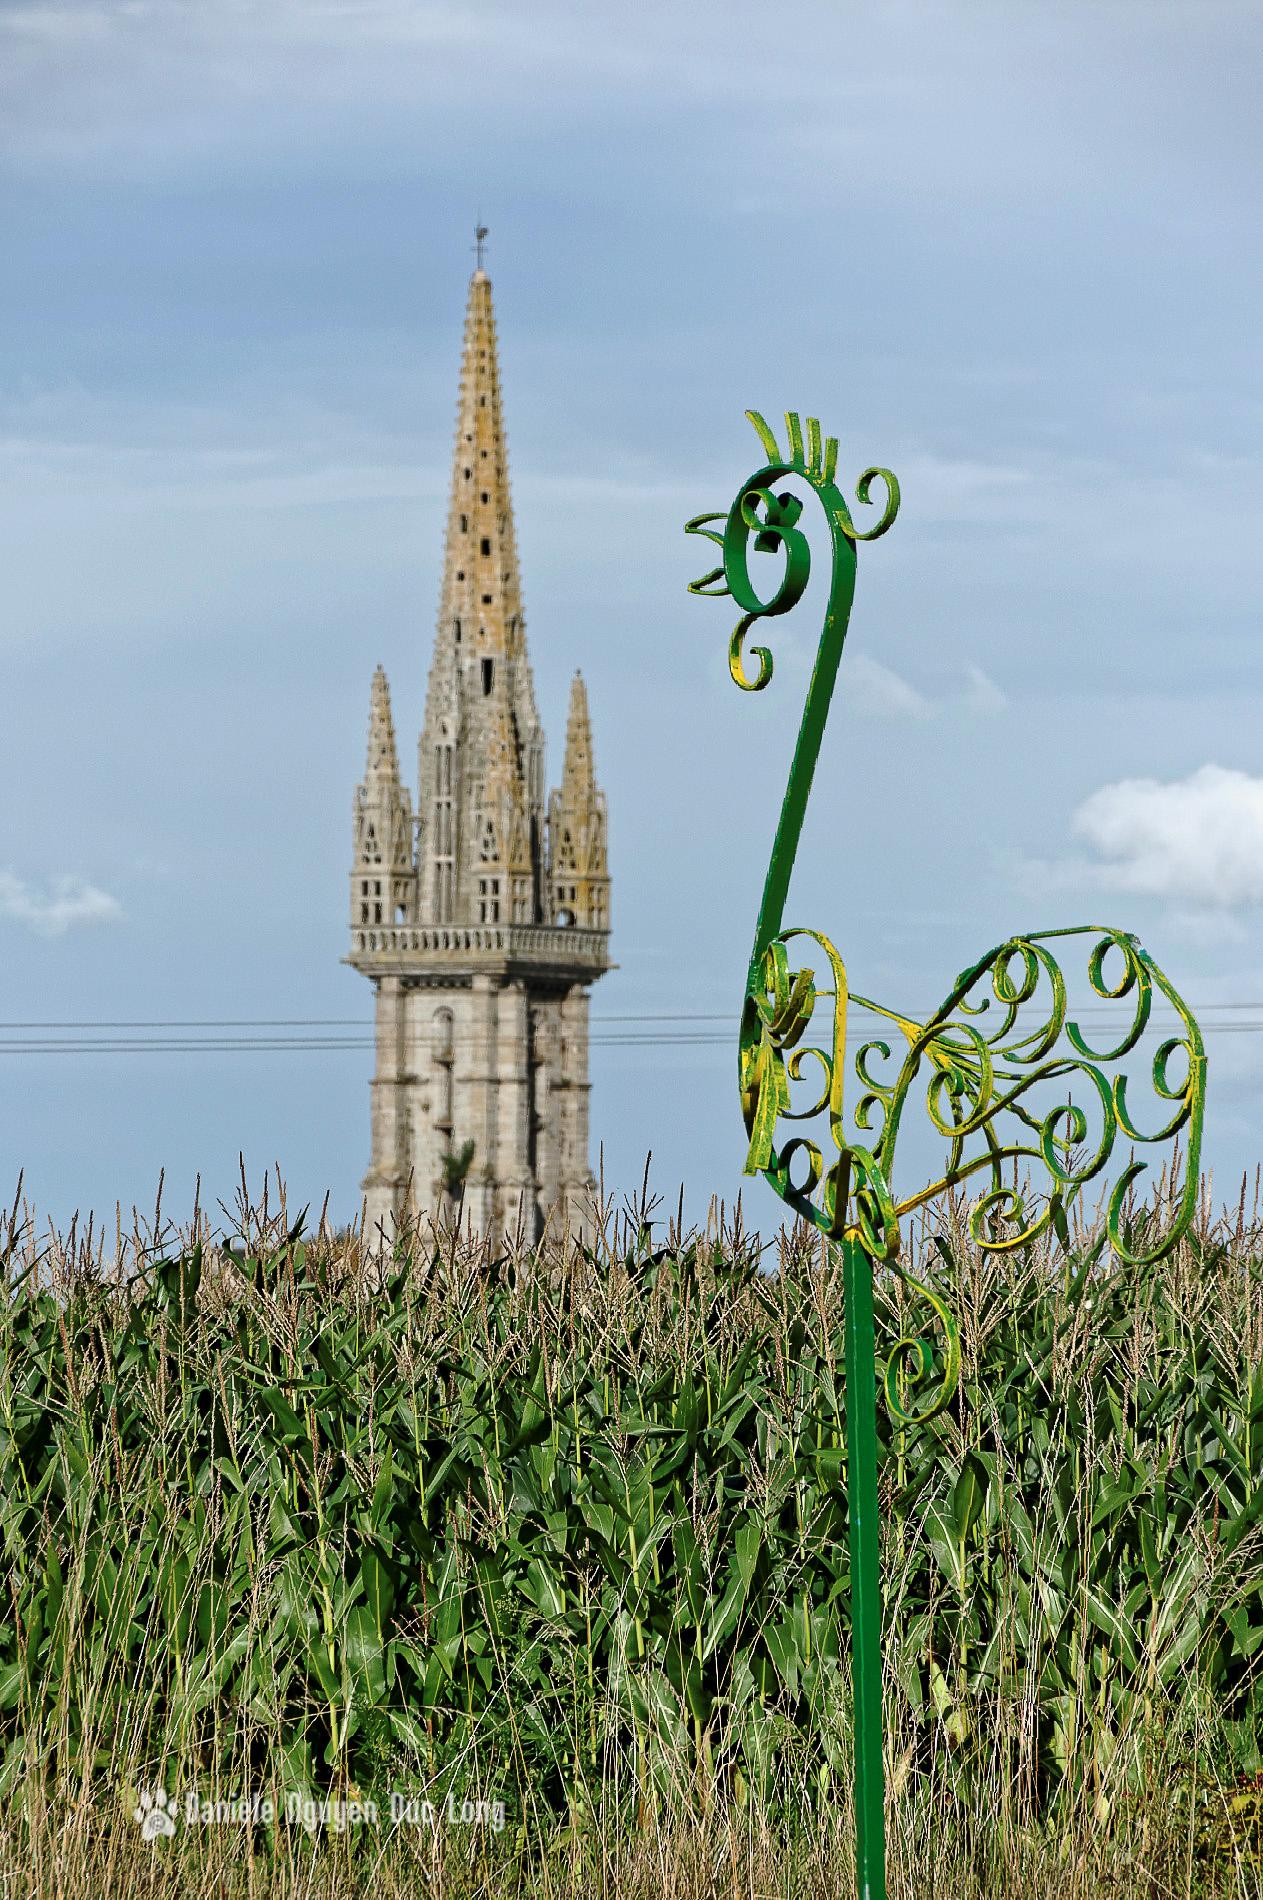 clocher Goulven flou et statue coq, Goulven, finistère, bretagne, exposition de sculptures Art Mor Pagan